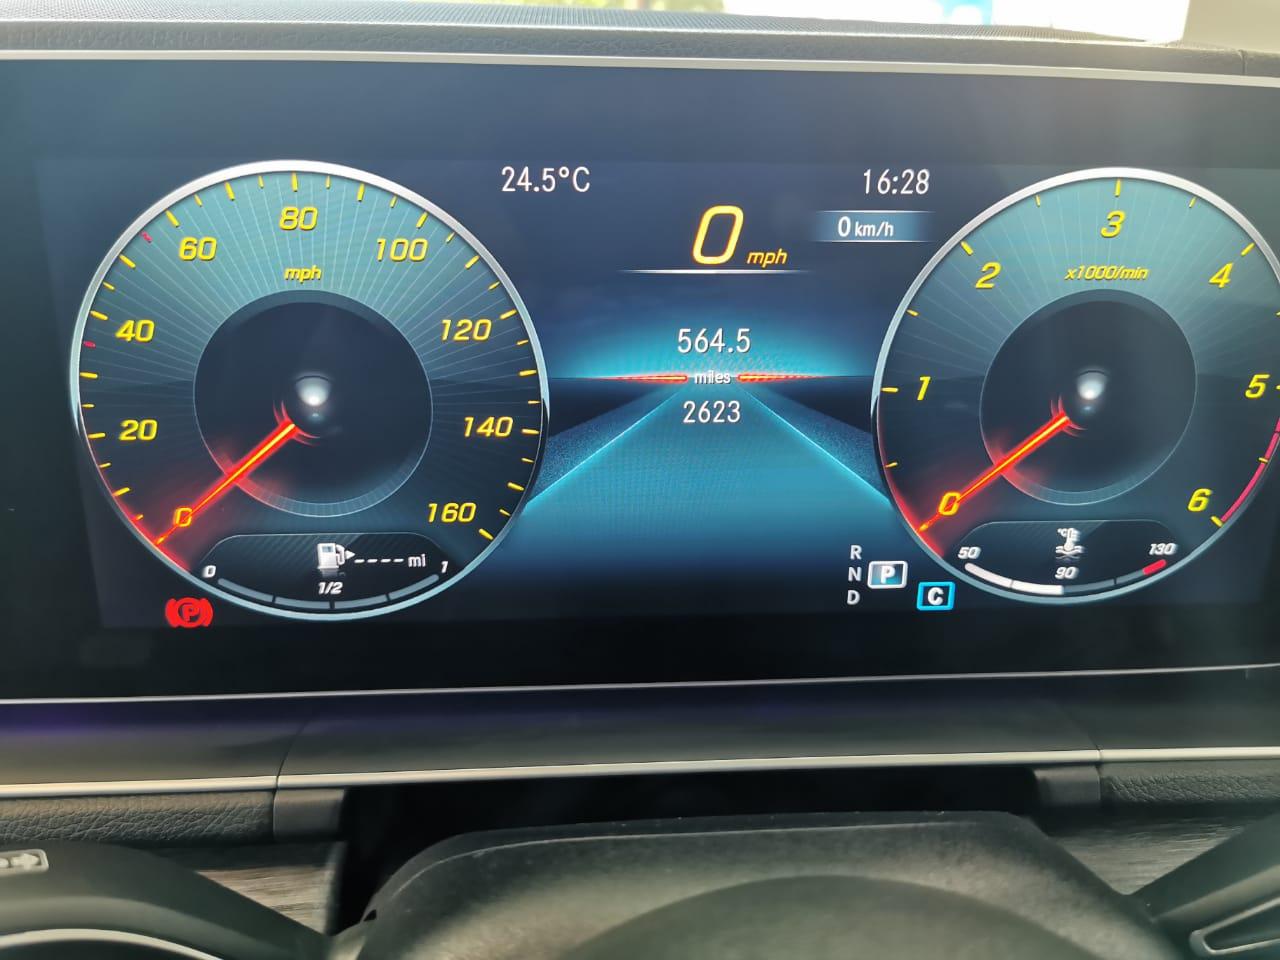 Mercedes Benz GLE 400D 4MATICAMG Premium Plus